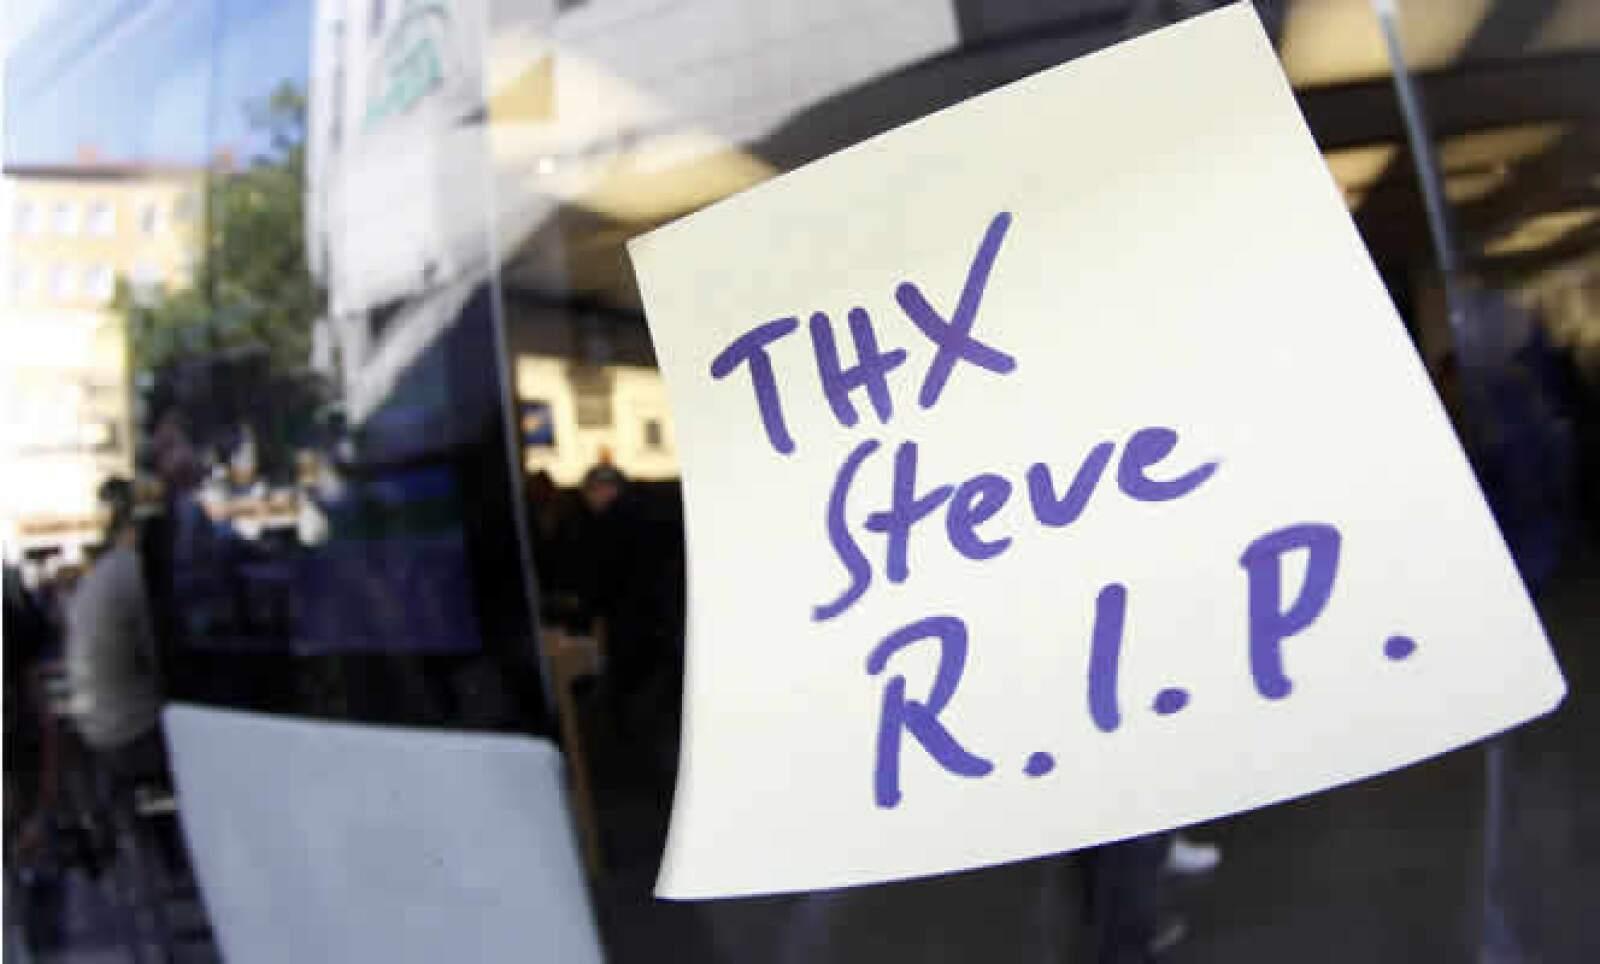 La muerte del genio que construyó de Apple ha tenido un impacto global. Aquí una nota a las afueras de una tienda en Munich, Alemania.